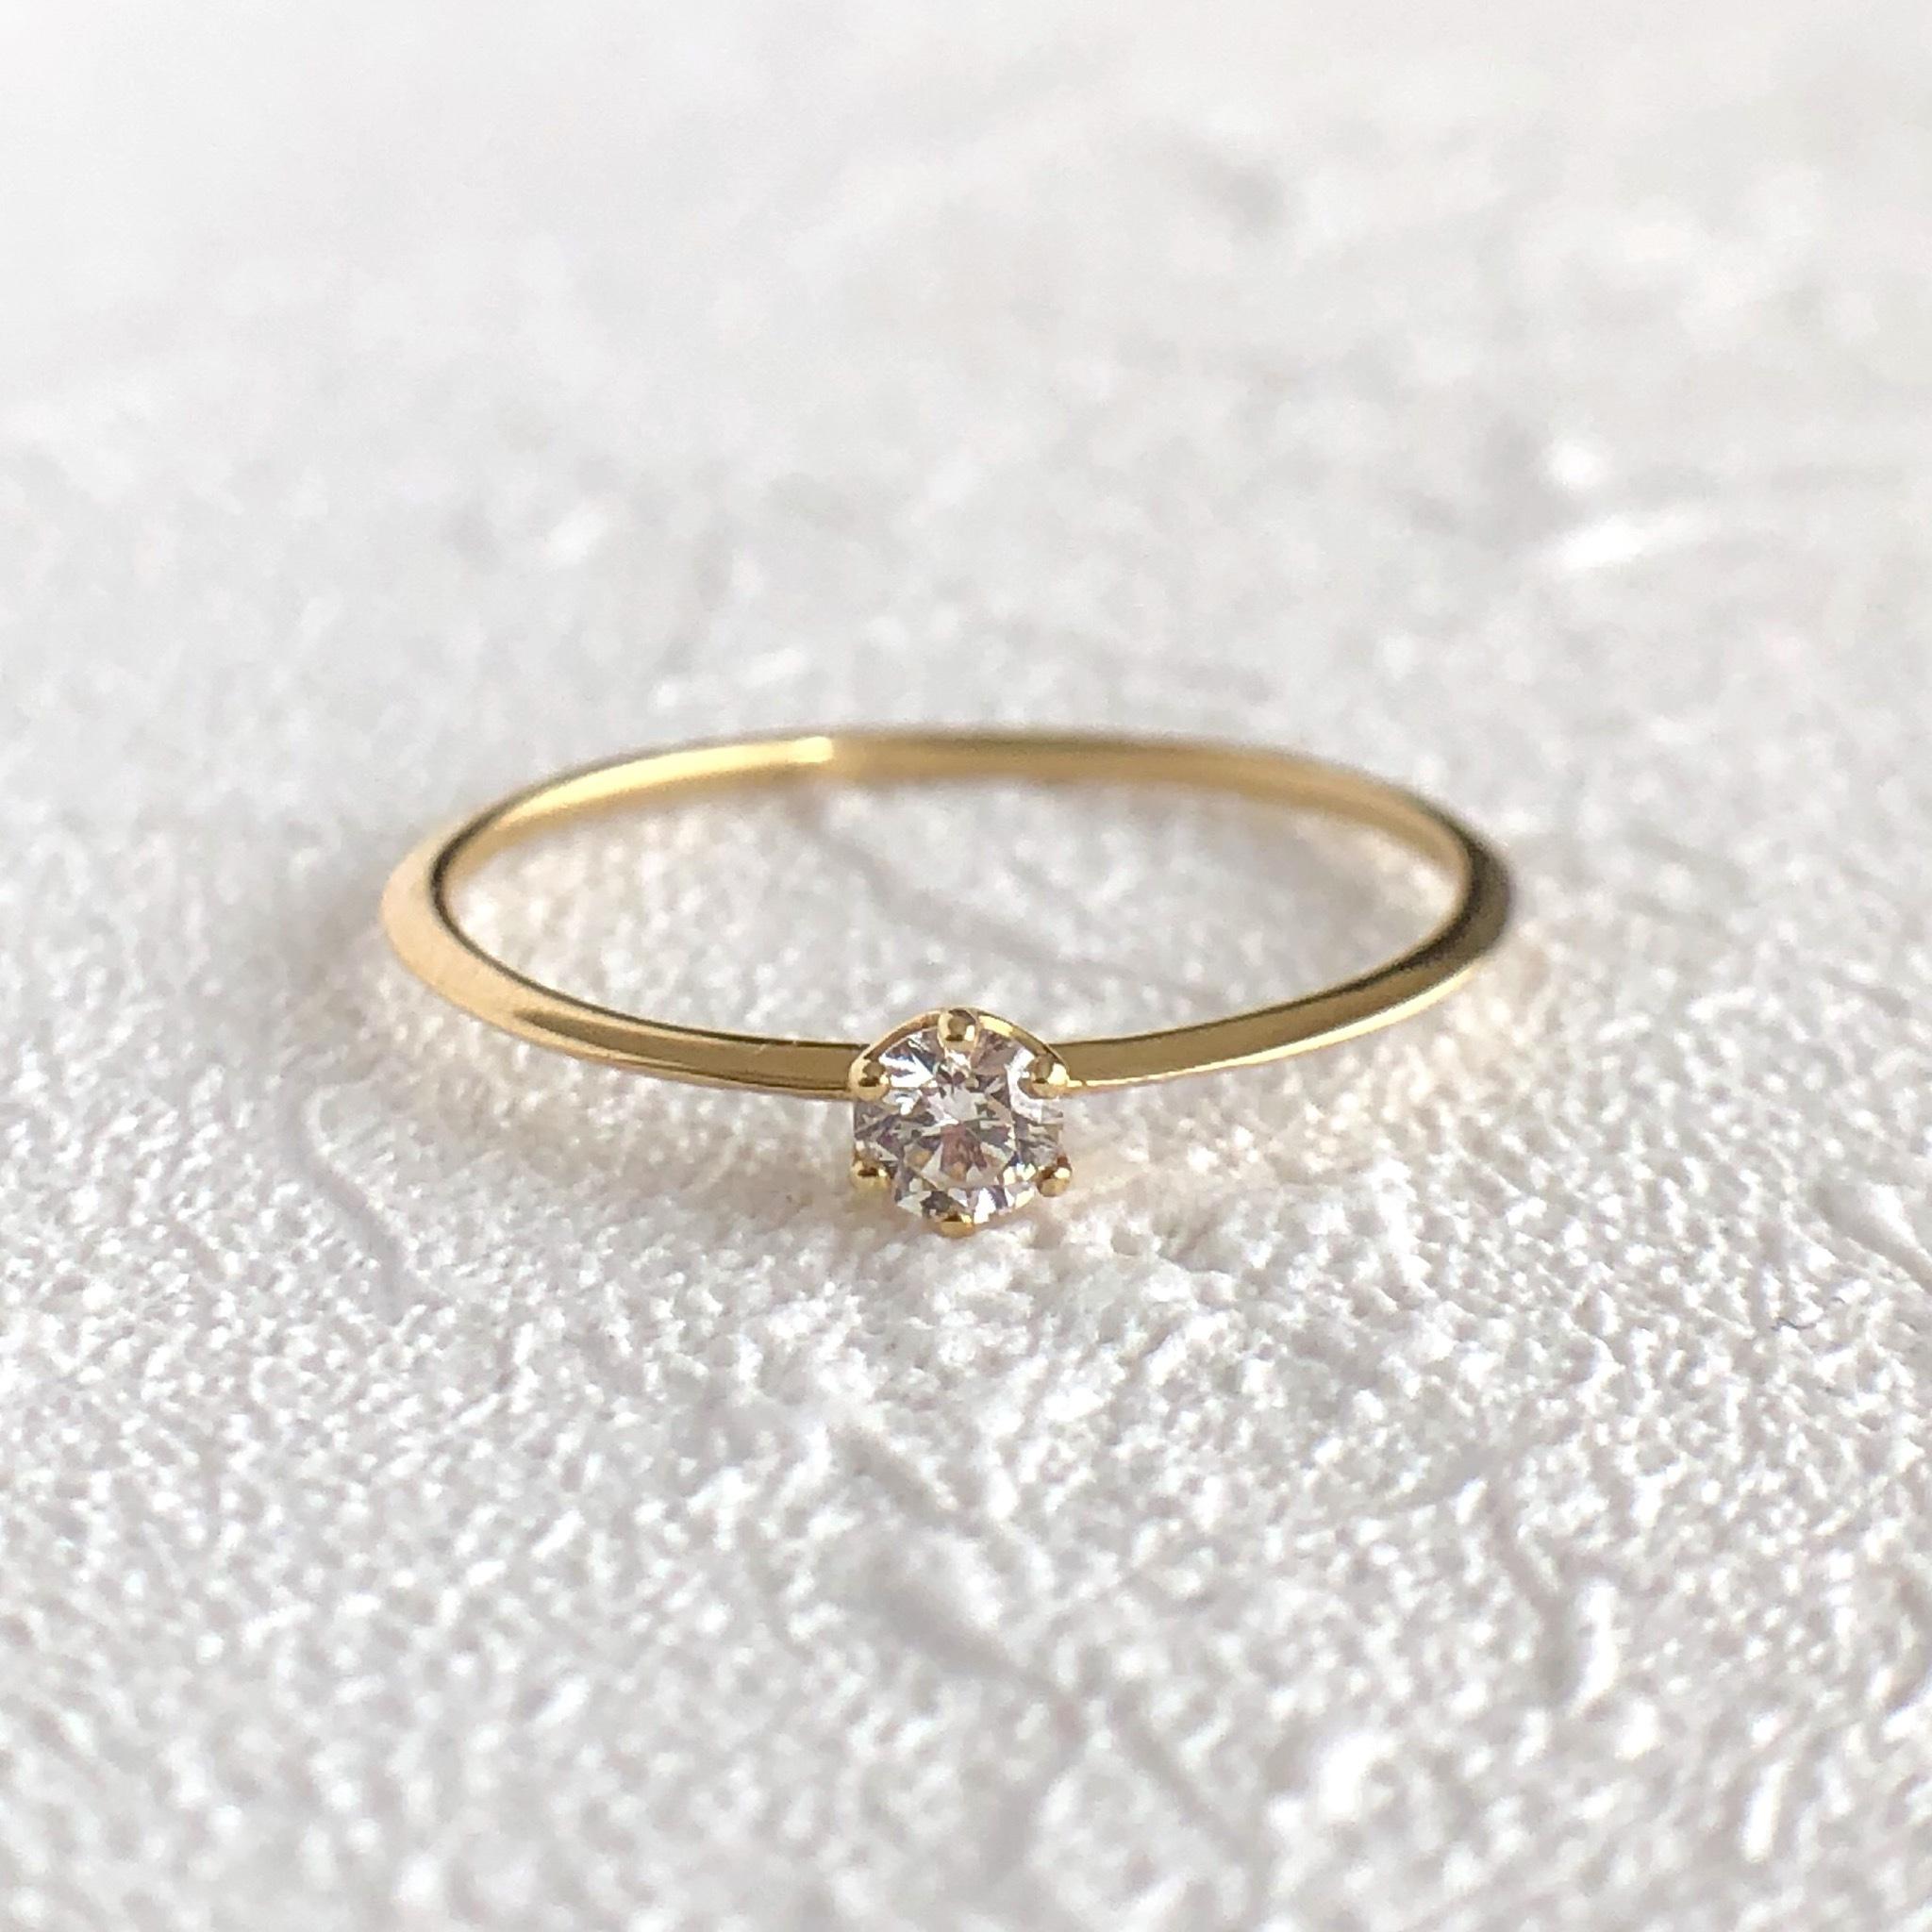 ひと粒 ダイヤモンド  リング  0.07ct  K18イエローゴールド/ピンクゴールド チェカ 鑑別書付